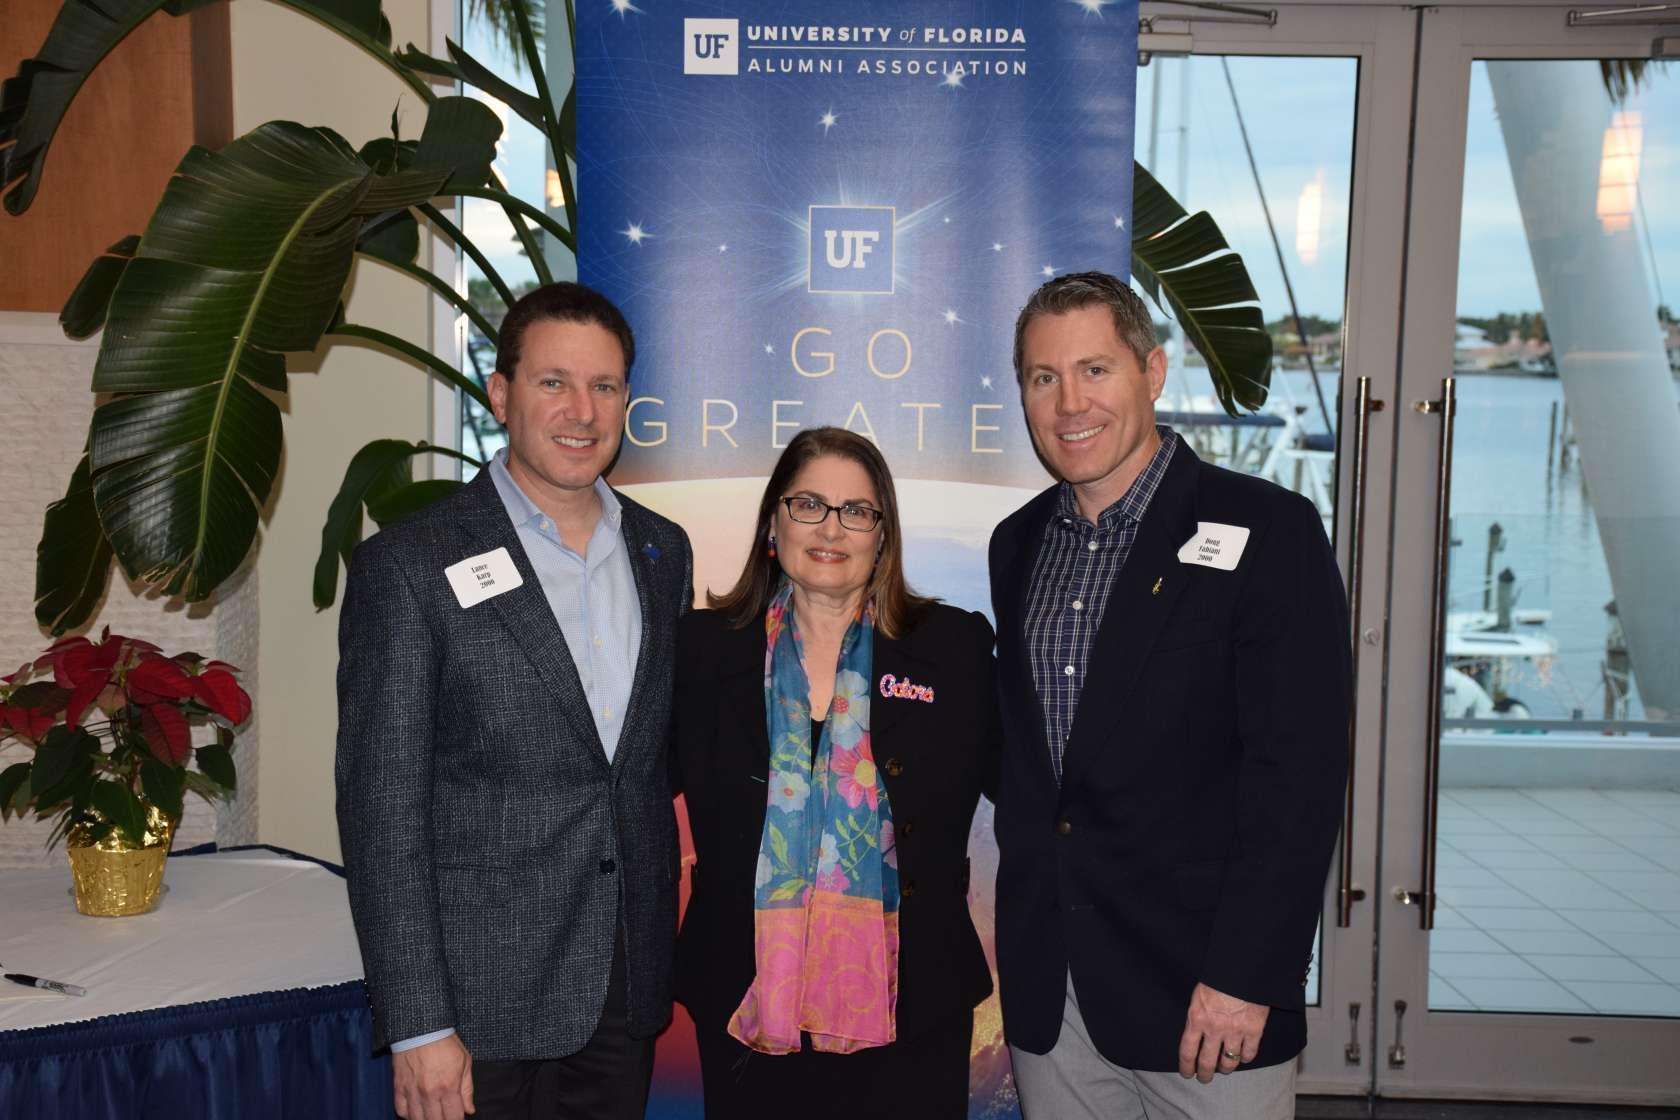 Dean Isabel Garcia alongside Dr. Lance Karp, left, and Dr. Doug Fabiani, right, at the college's 2018 Sarasota Gator Dentist Gathering.